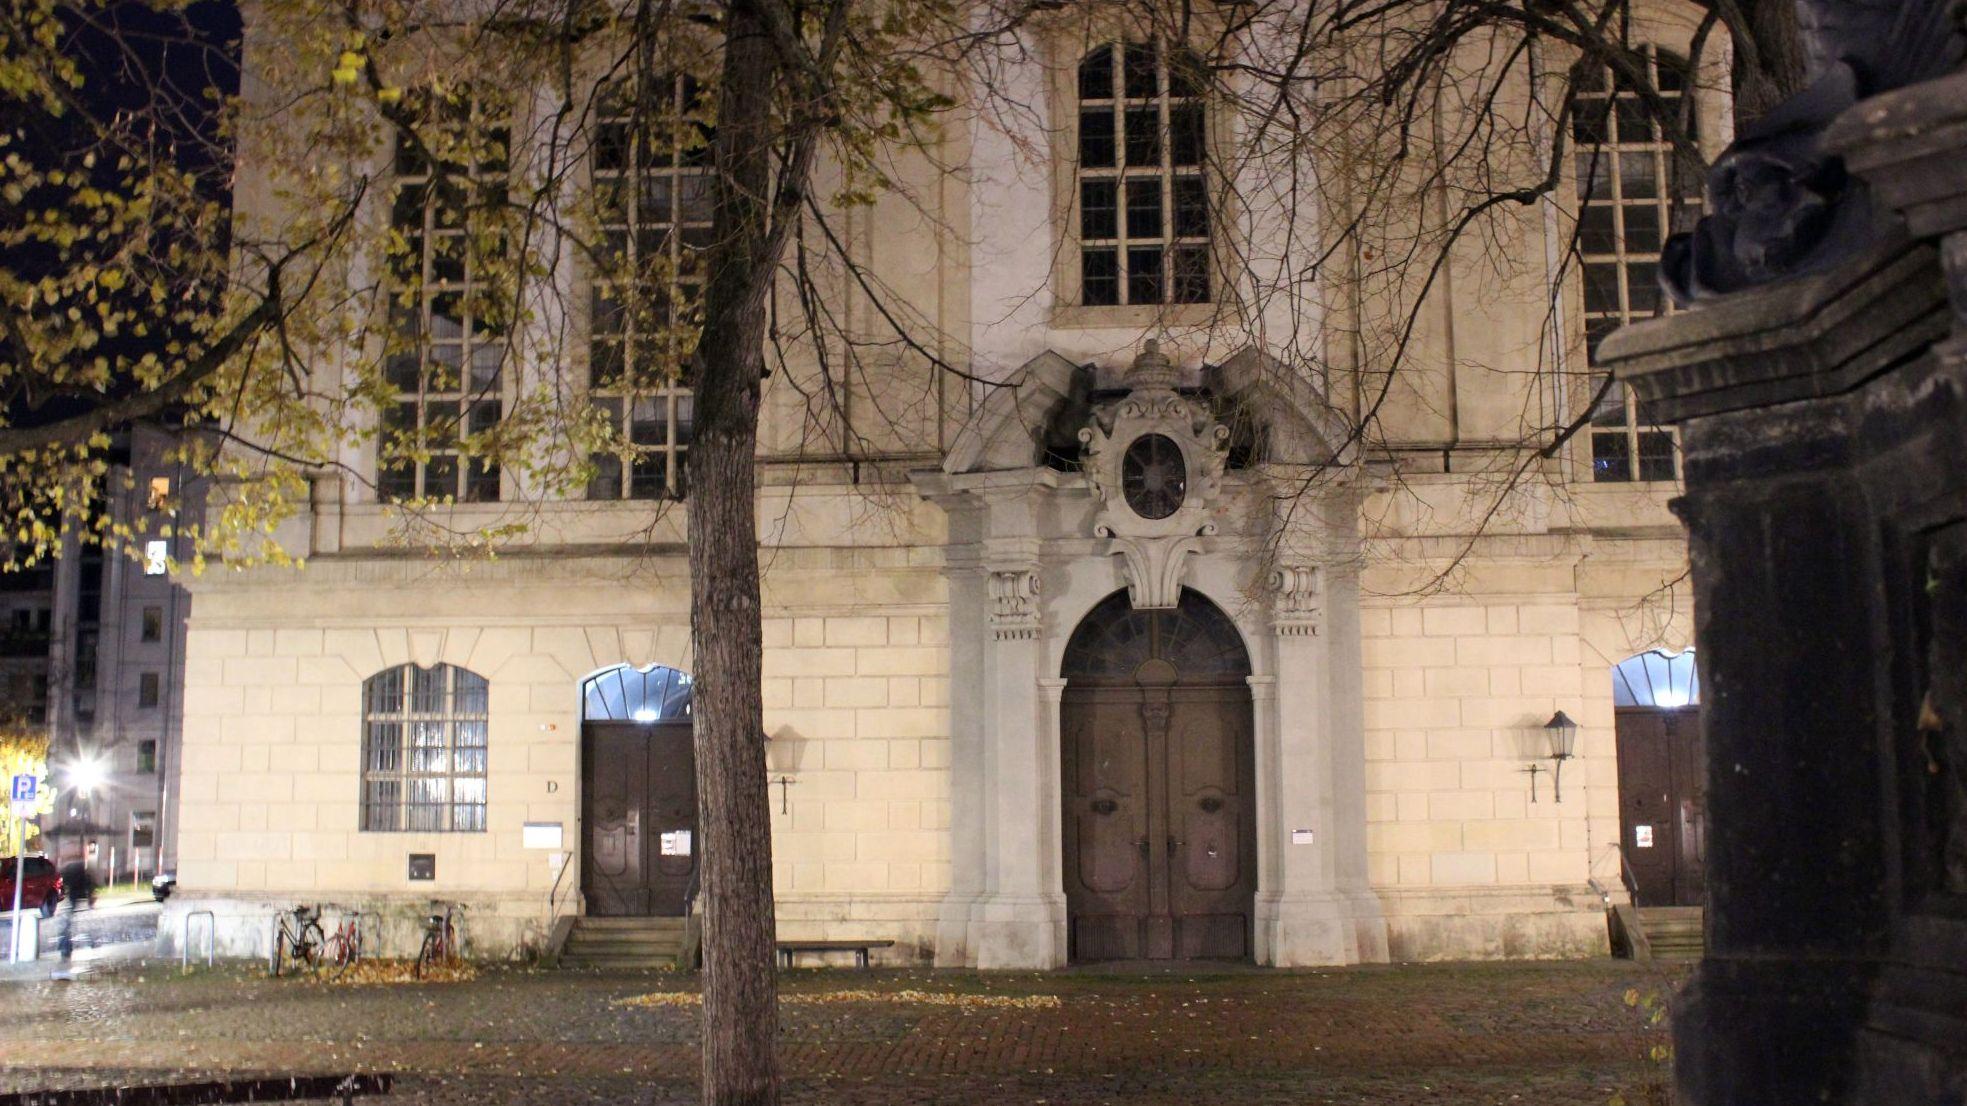 Auf der Rückseite der Dreikönigskirche befindet sich der Eingang des Nachtcafés. Foto: Alba Kemmer Alonso